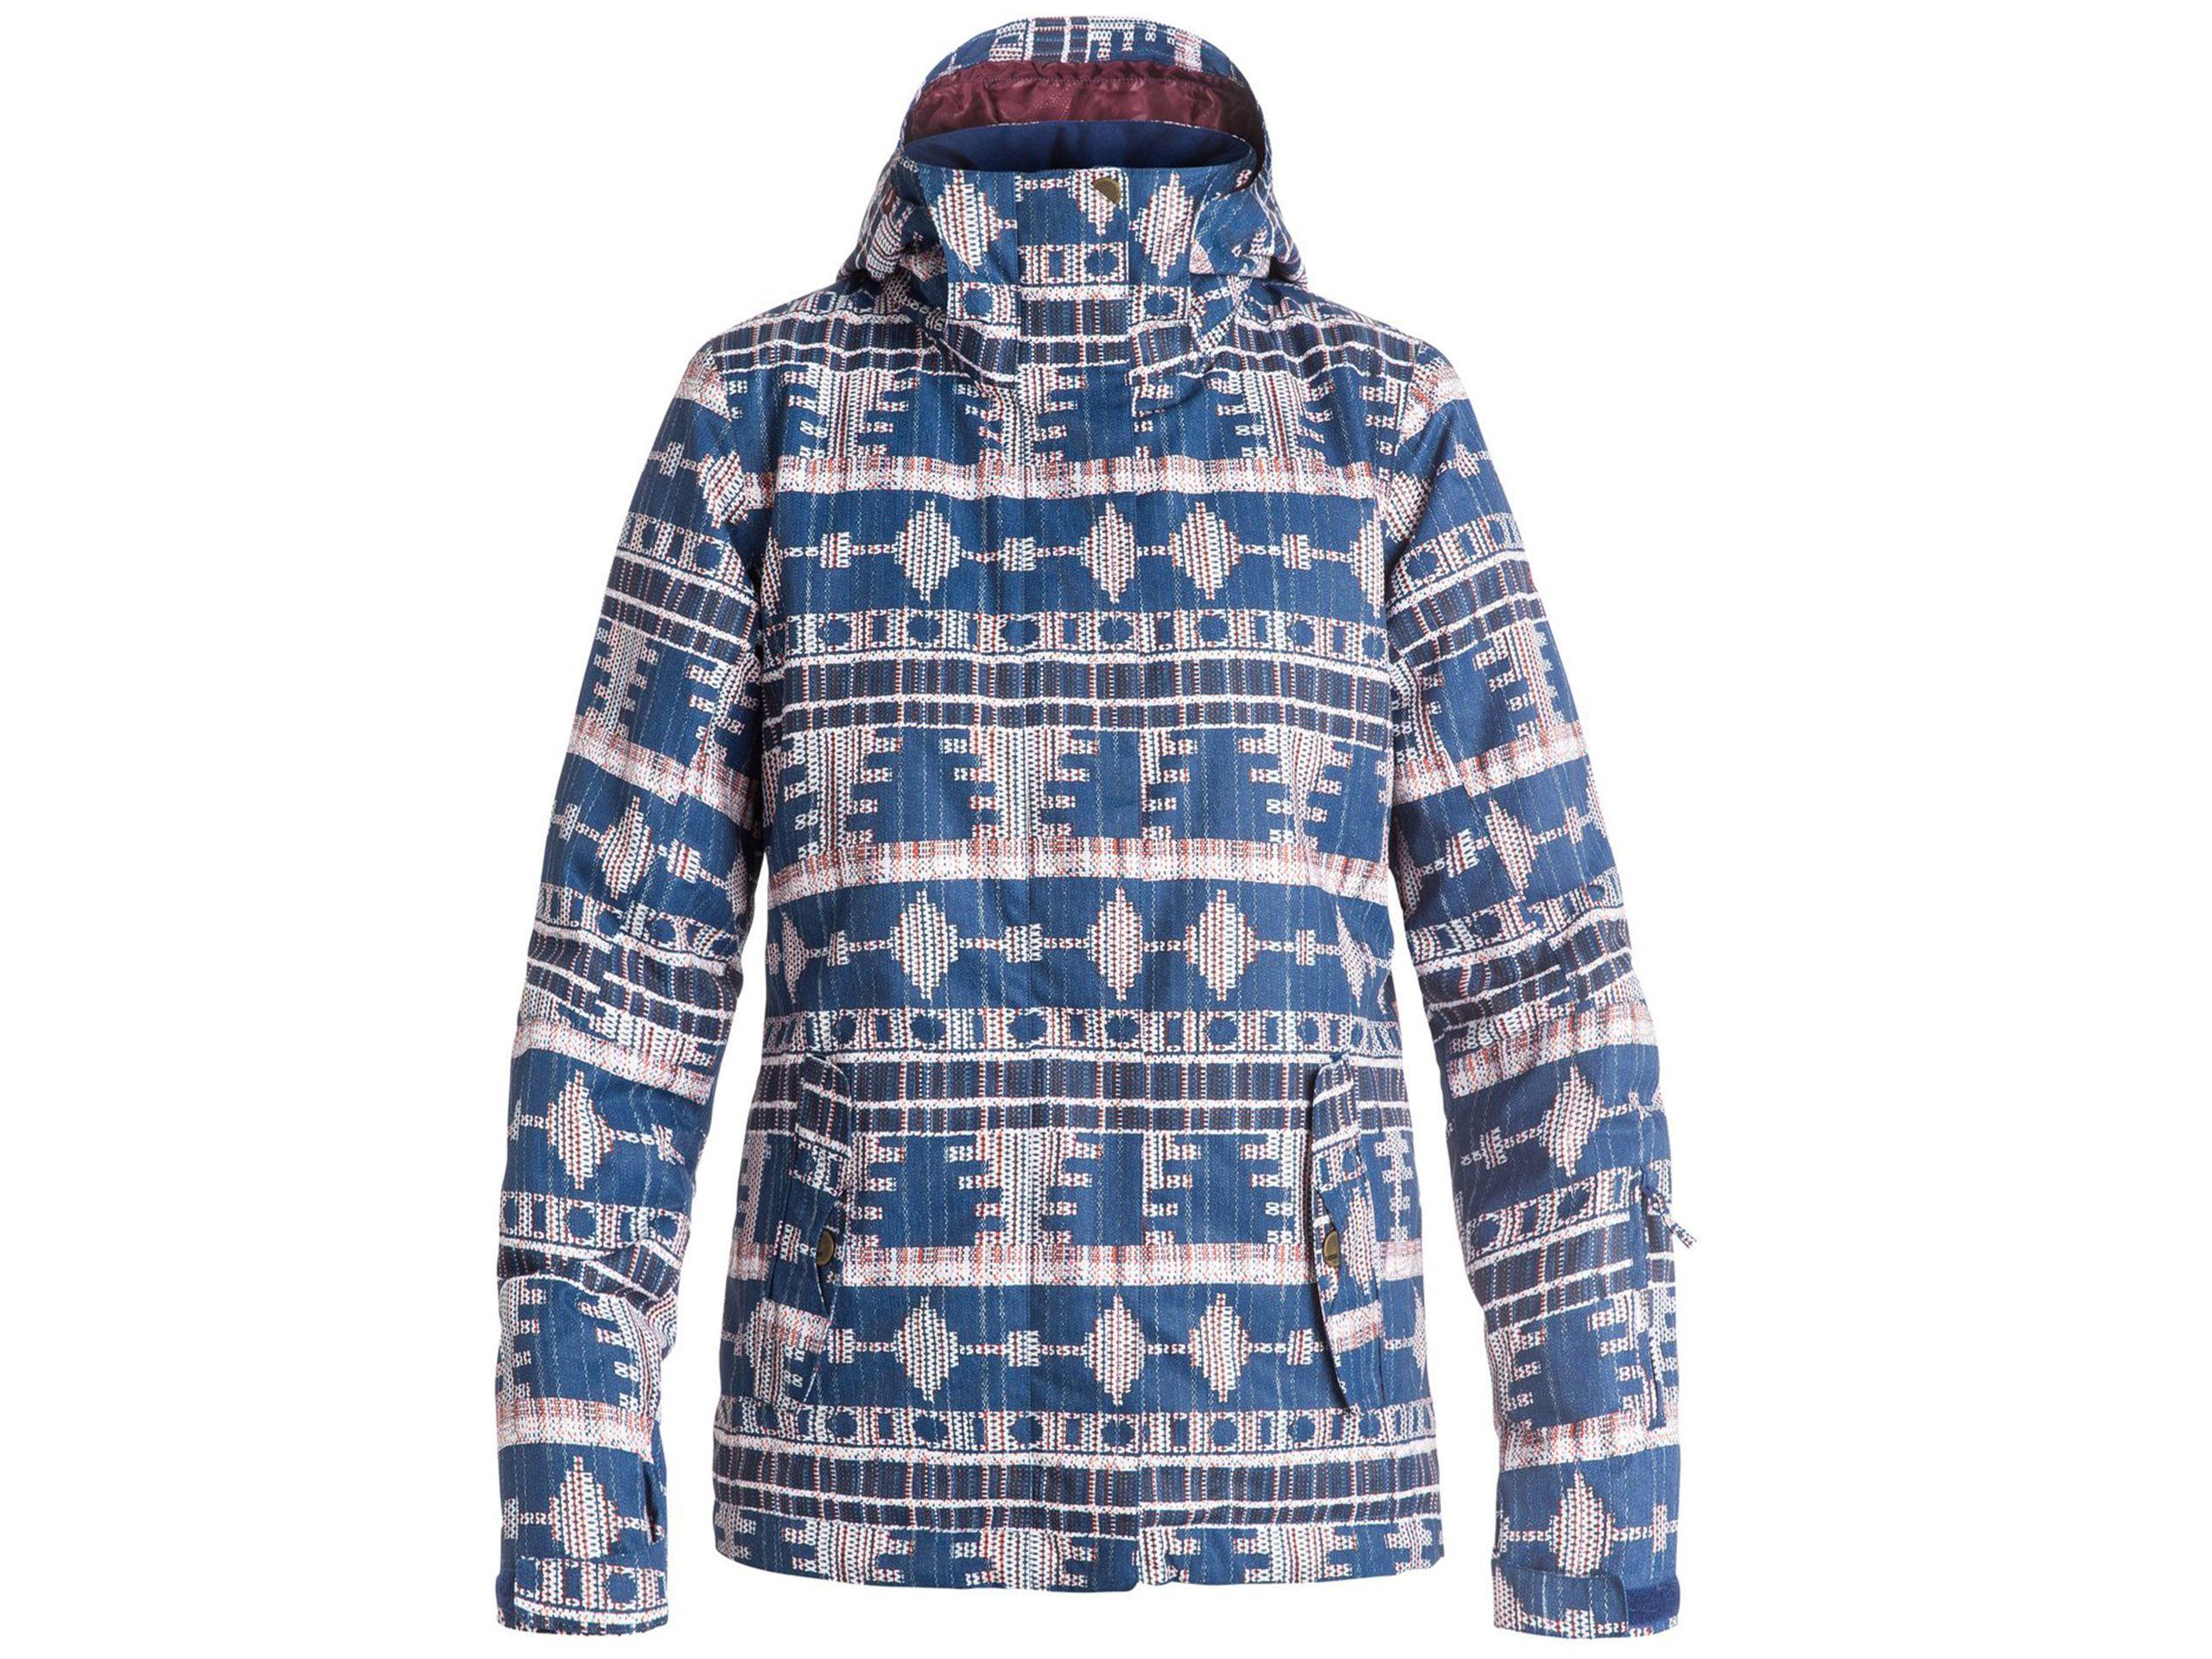 Damska Kurtka Narciarska Roxy 03055 Zimowa 10000 M 6676557769 Oficjalne Archiwum Allegro Snow Jackets Women Denim Jacket Women Jackets For Women